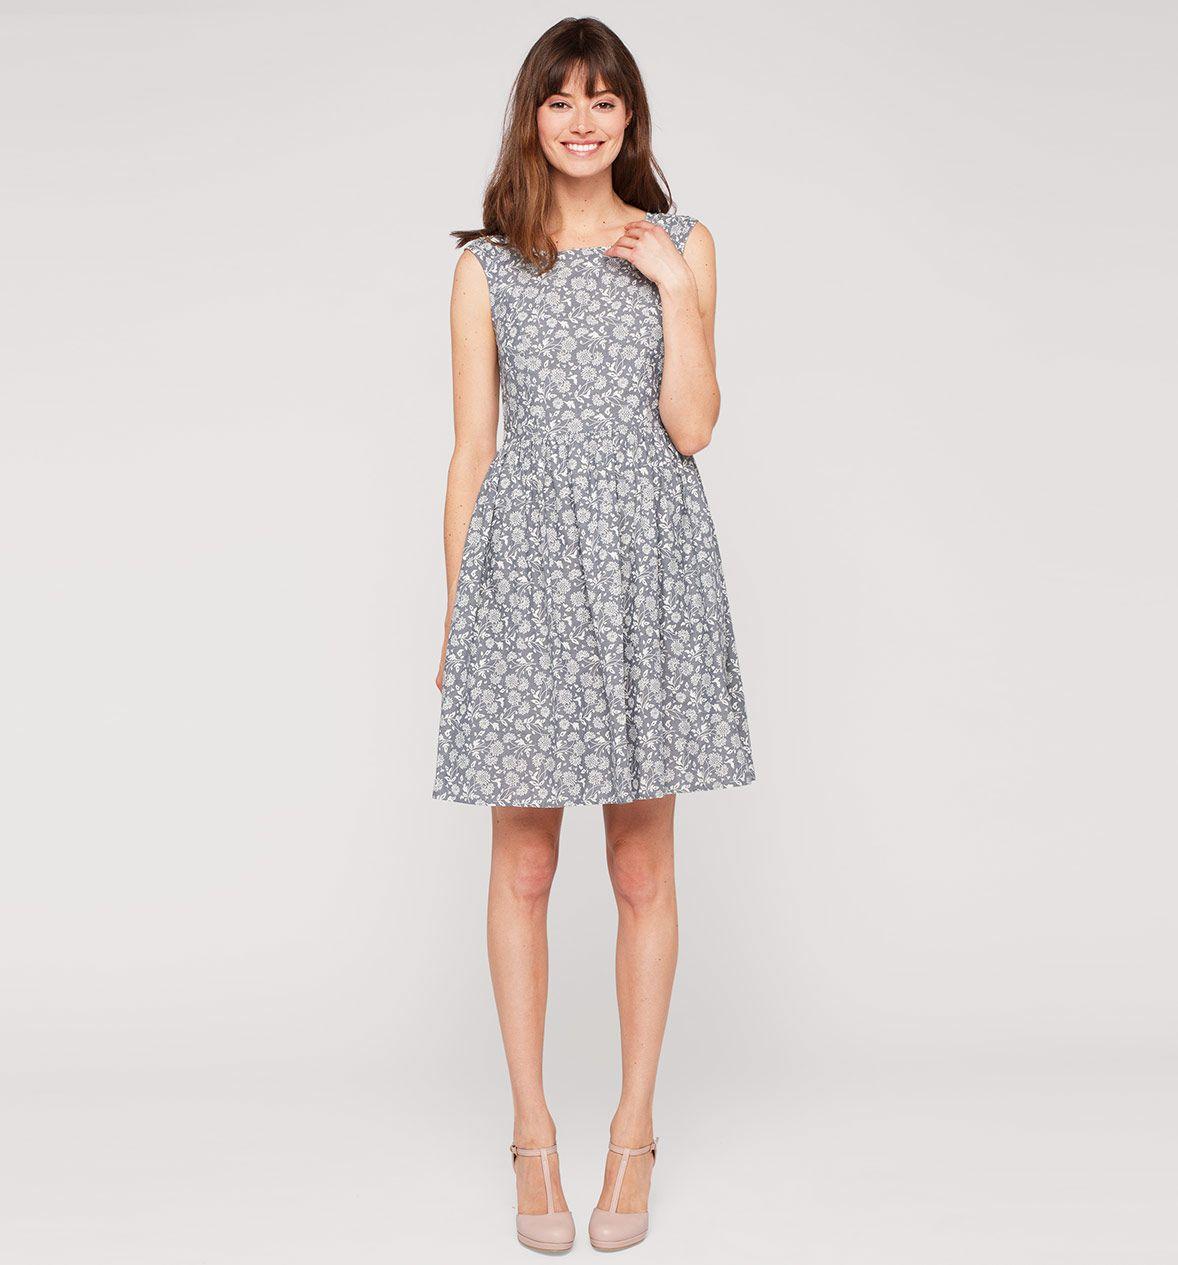 damen kleid in blau / weiss - mode günstig online kaufen